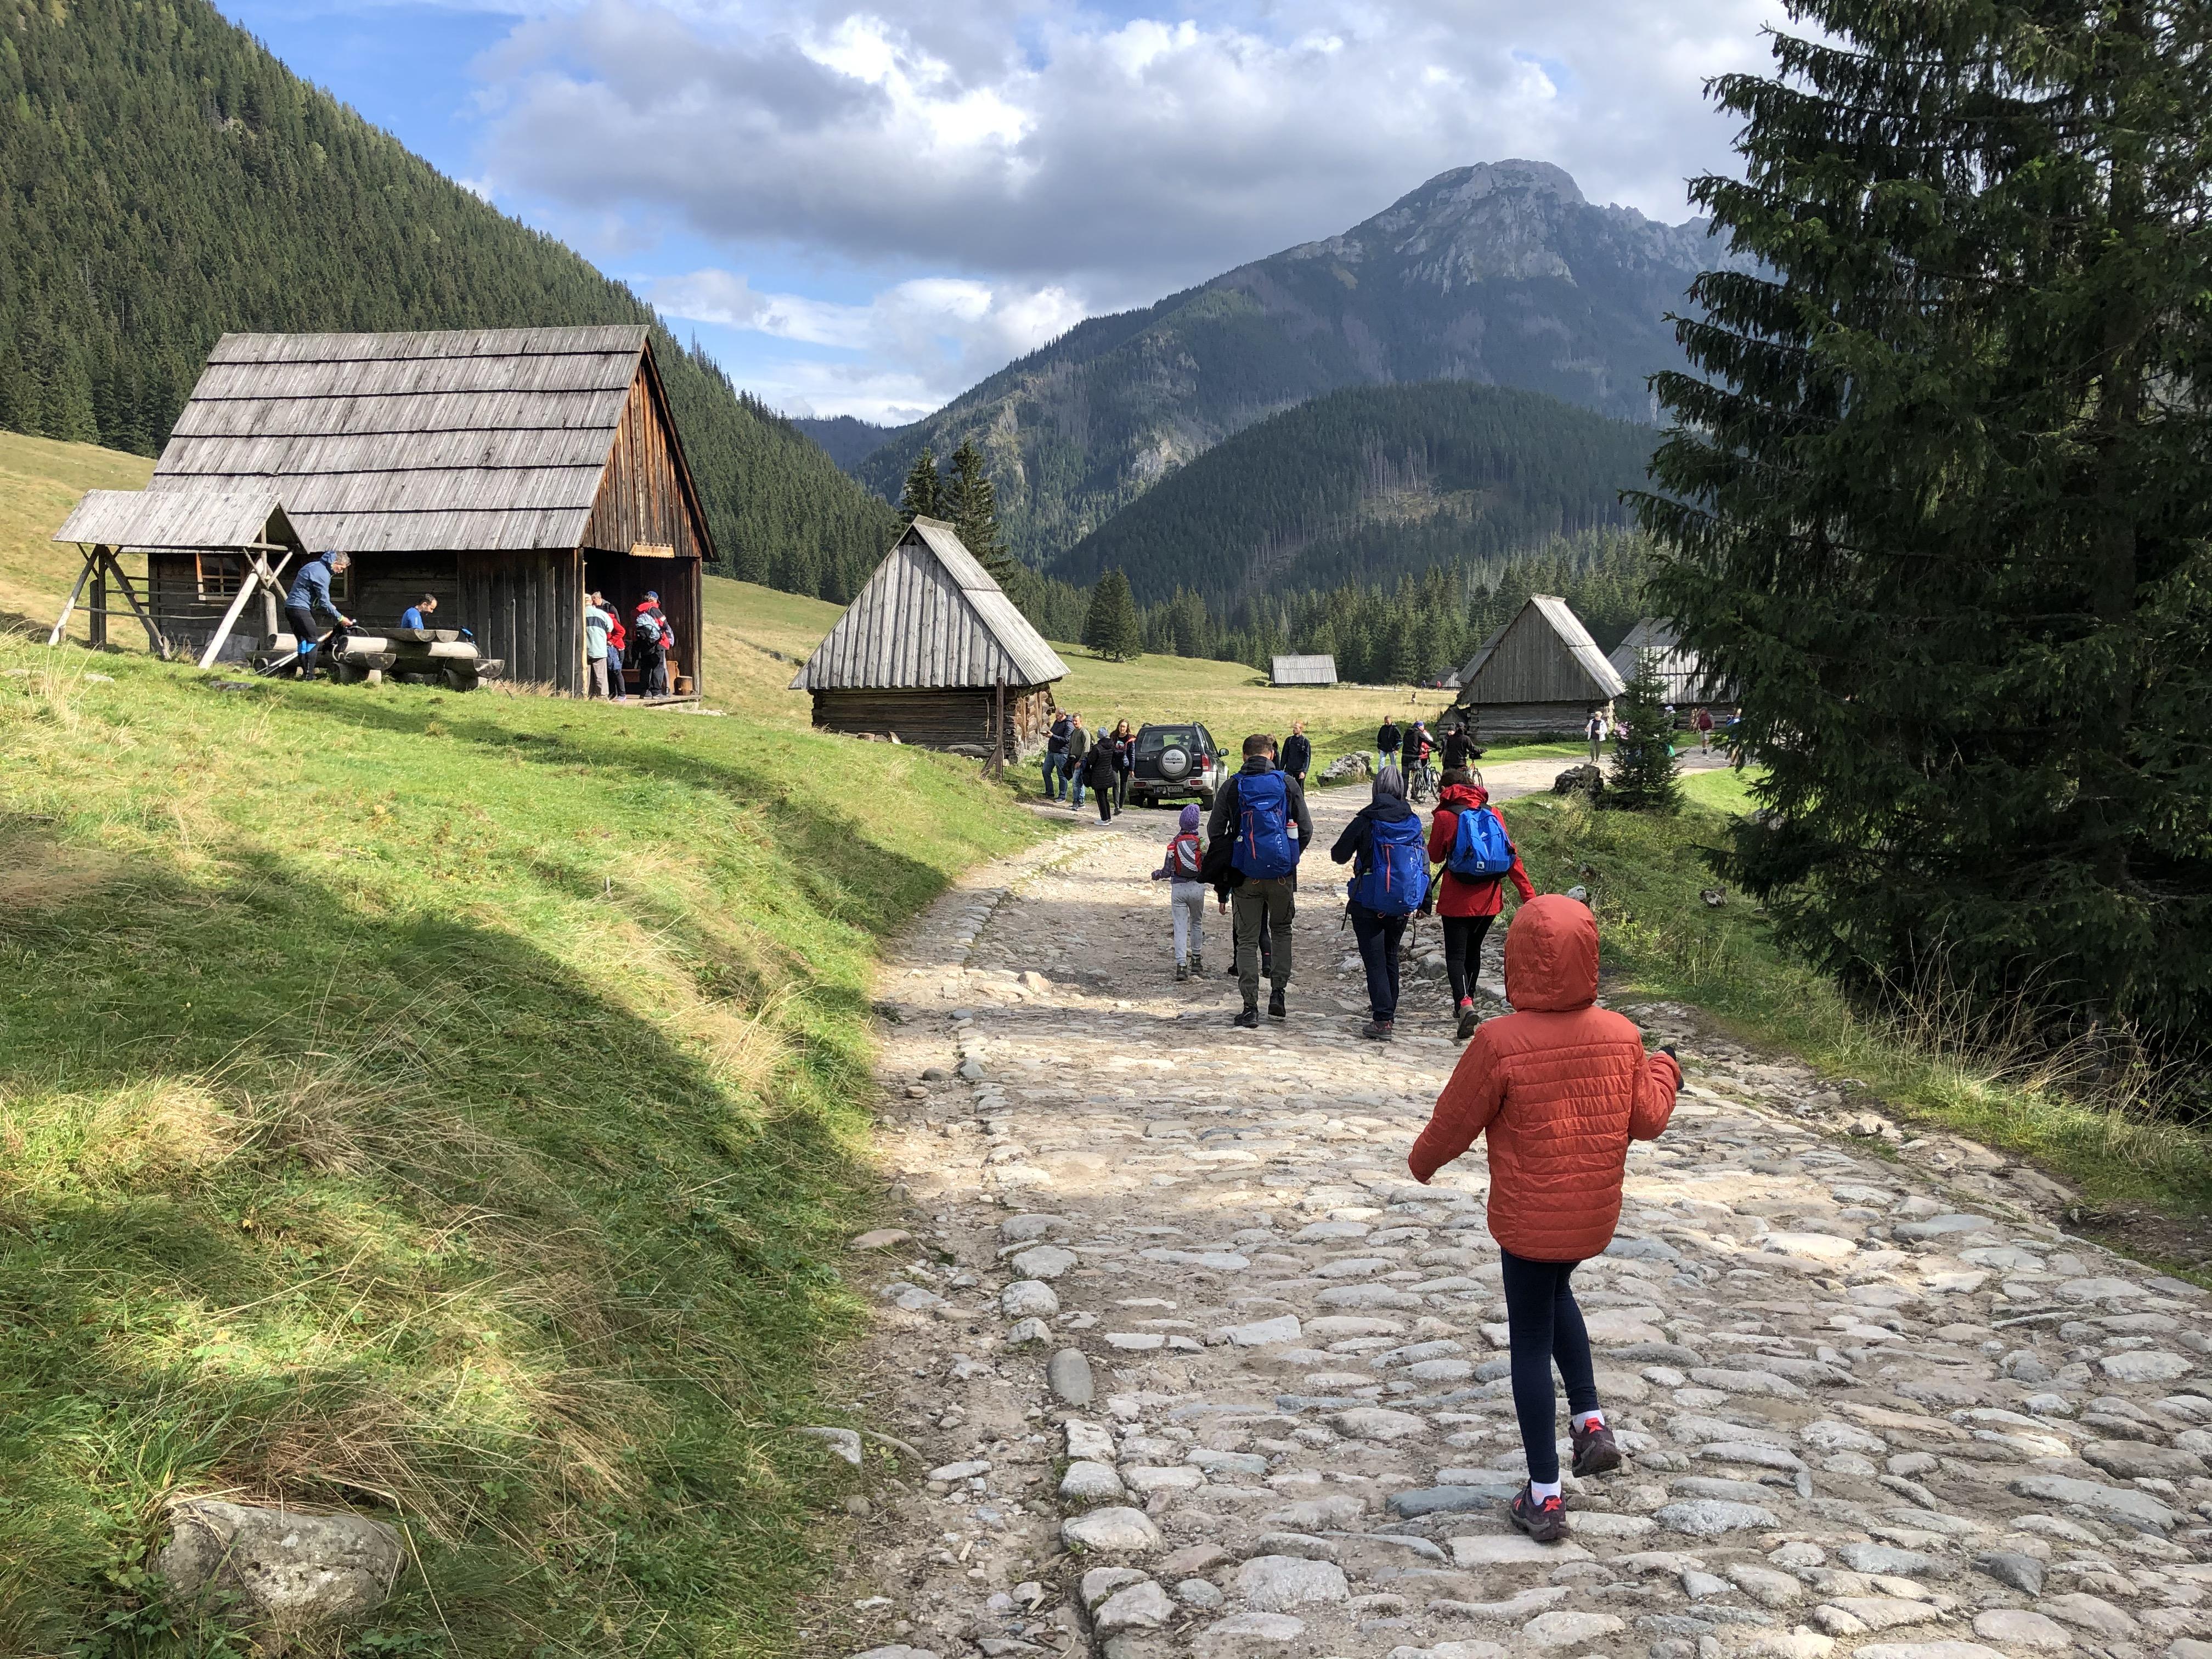 Koło Turystyczne w Dolinie chochołowskiej - zdjęcie 4